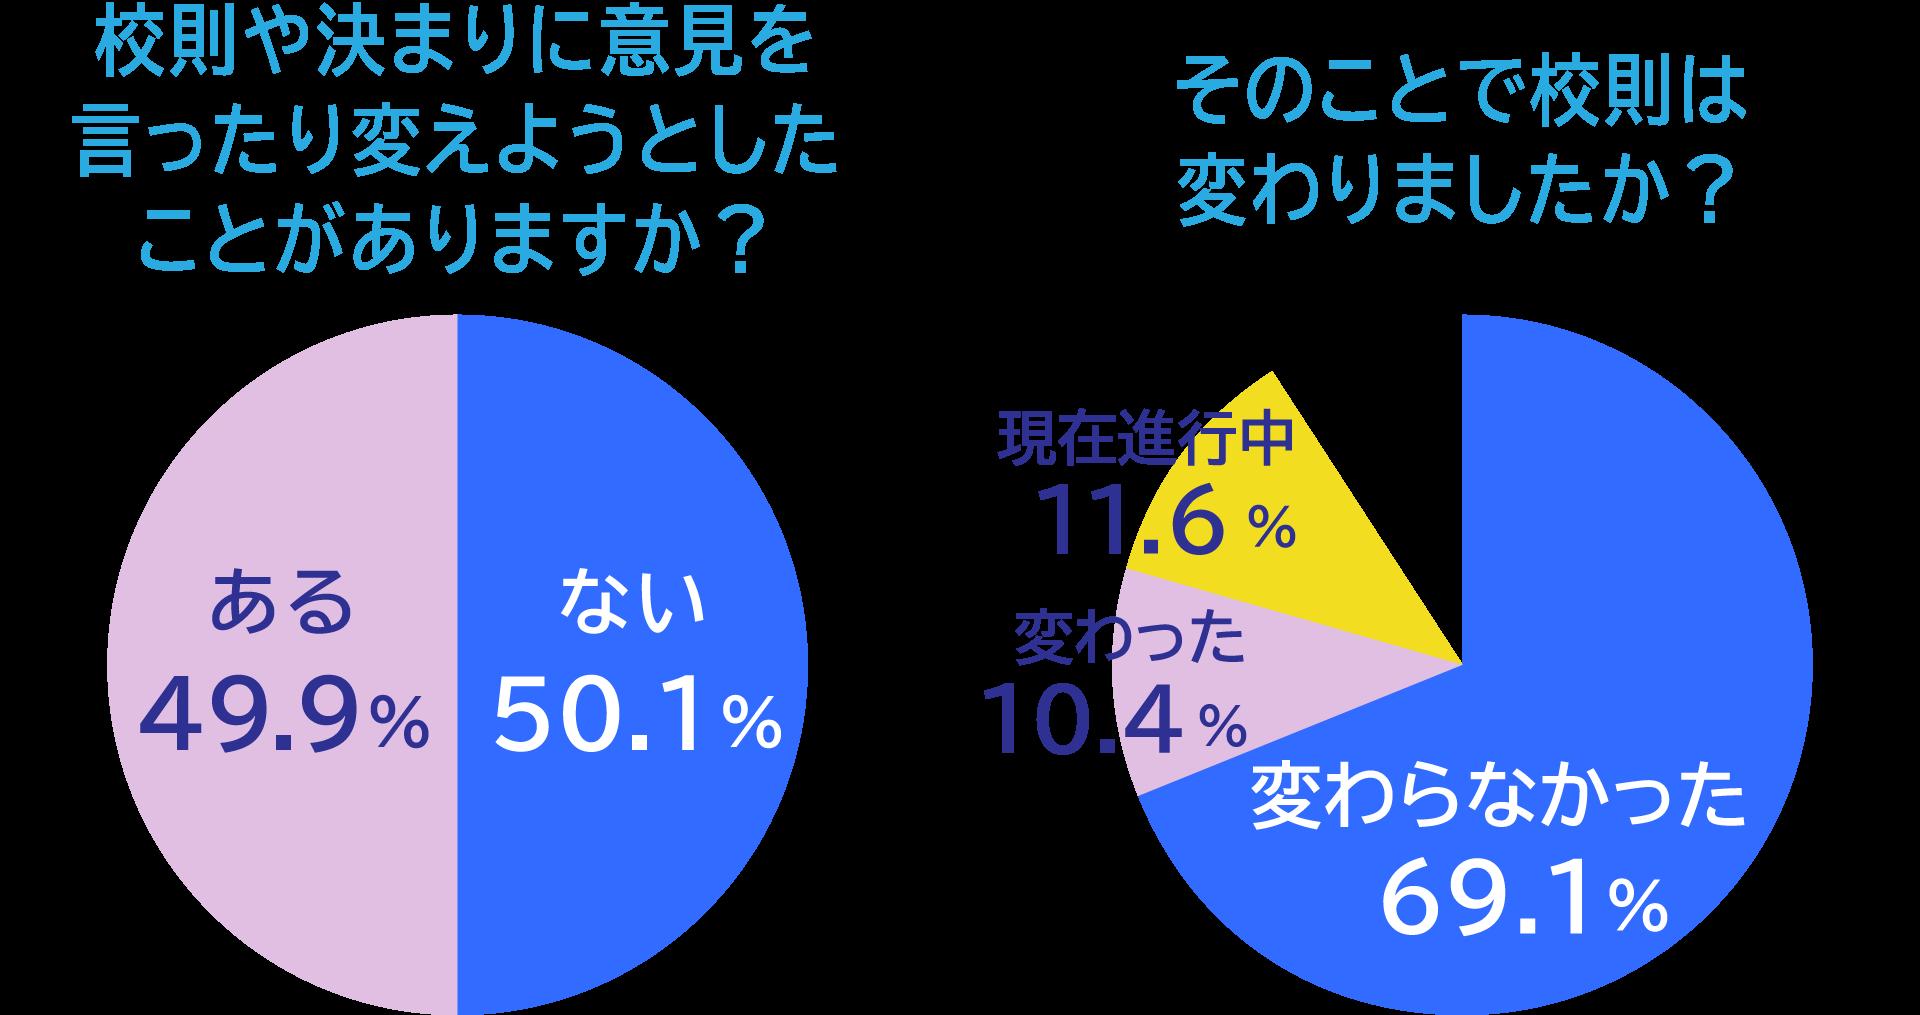 校則や決まりに意見を言ったり変えようとしたことがありますか?「ある」50.1%「ない」49.9% そのことで校則は変わりましたか?「変わった」69.1%「変わらなかった」10.4%「現在進行中」11.6%